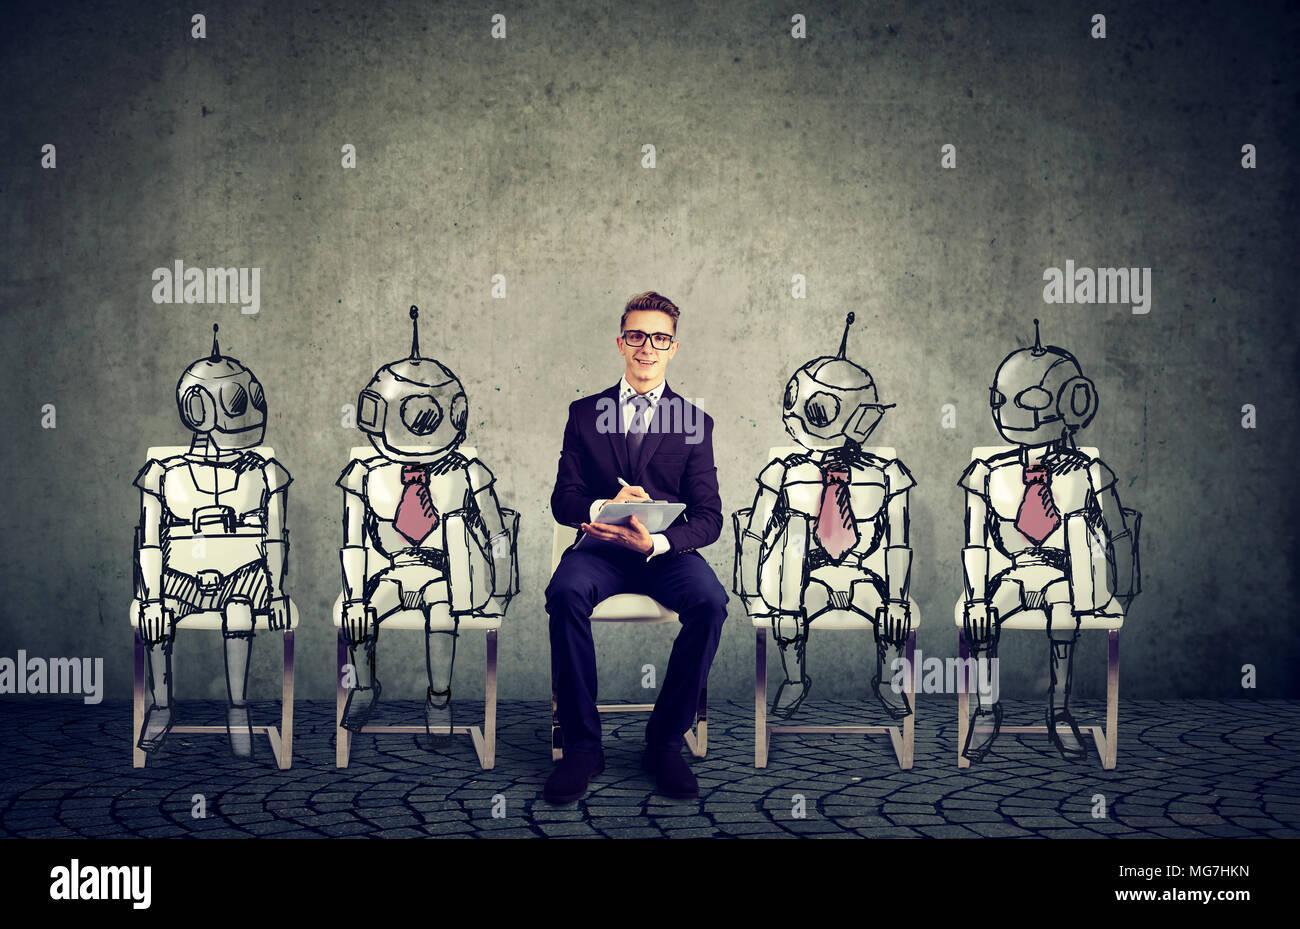 Concepto de Robots vs humanos. Empresa solicitante de empleo compitiendo con inteligencia artificial Imagen De Stock